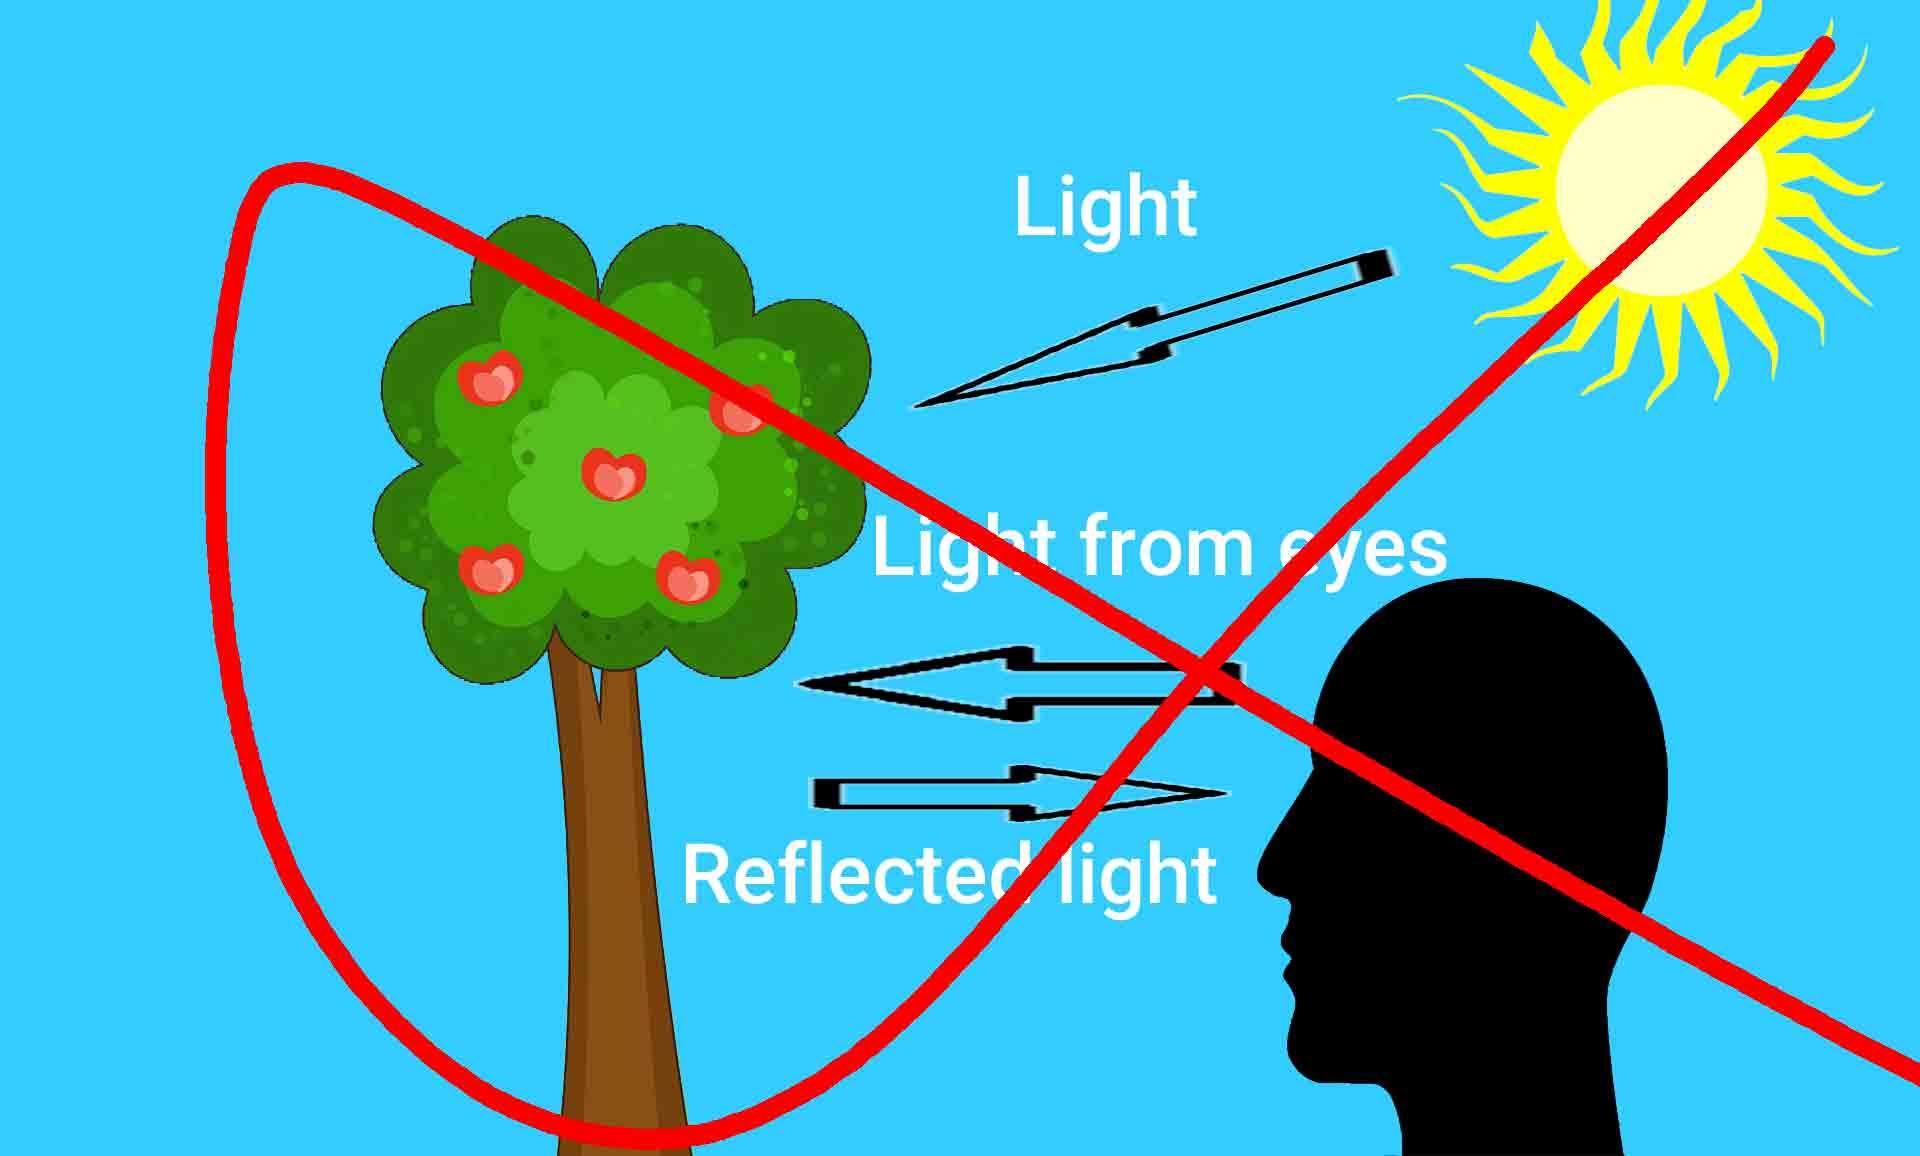 نور چشم در طبیعیات و علوم گذشتگان